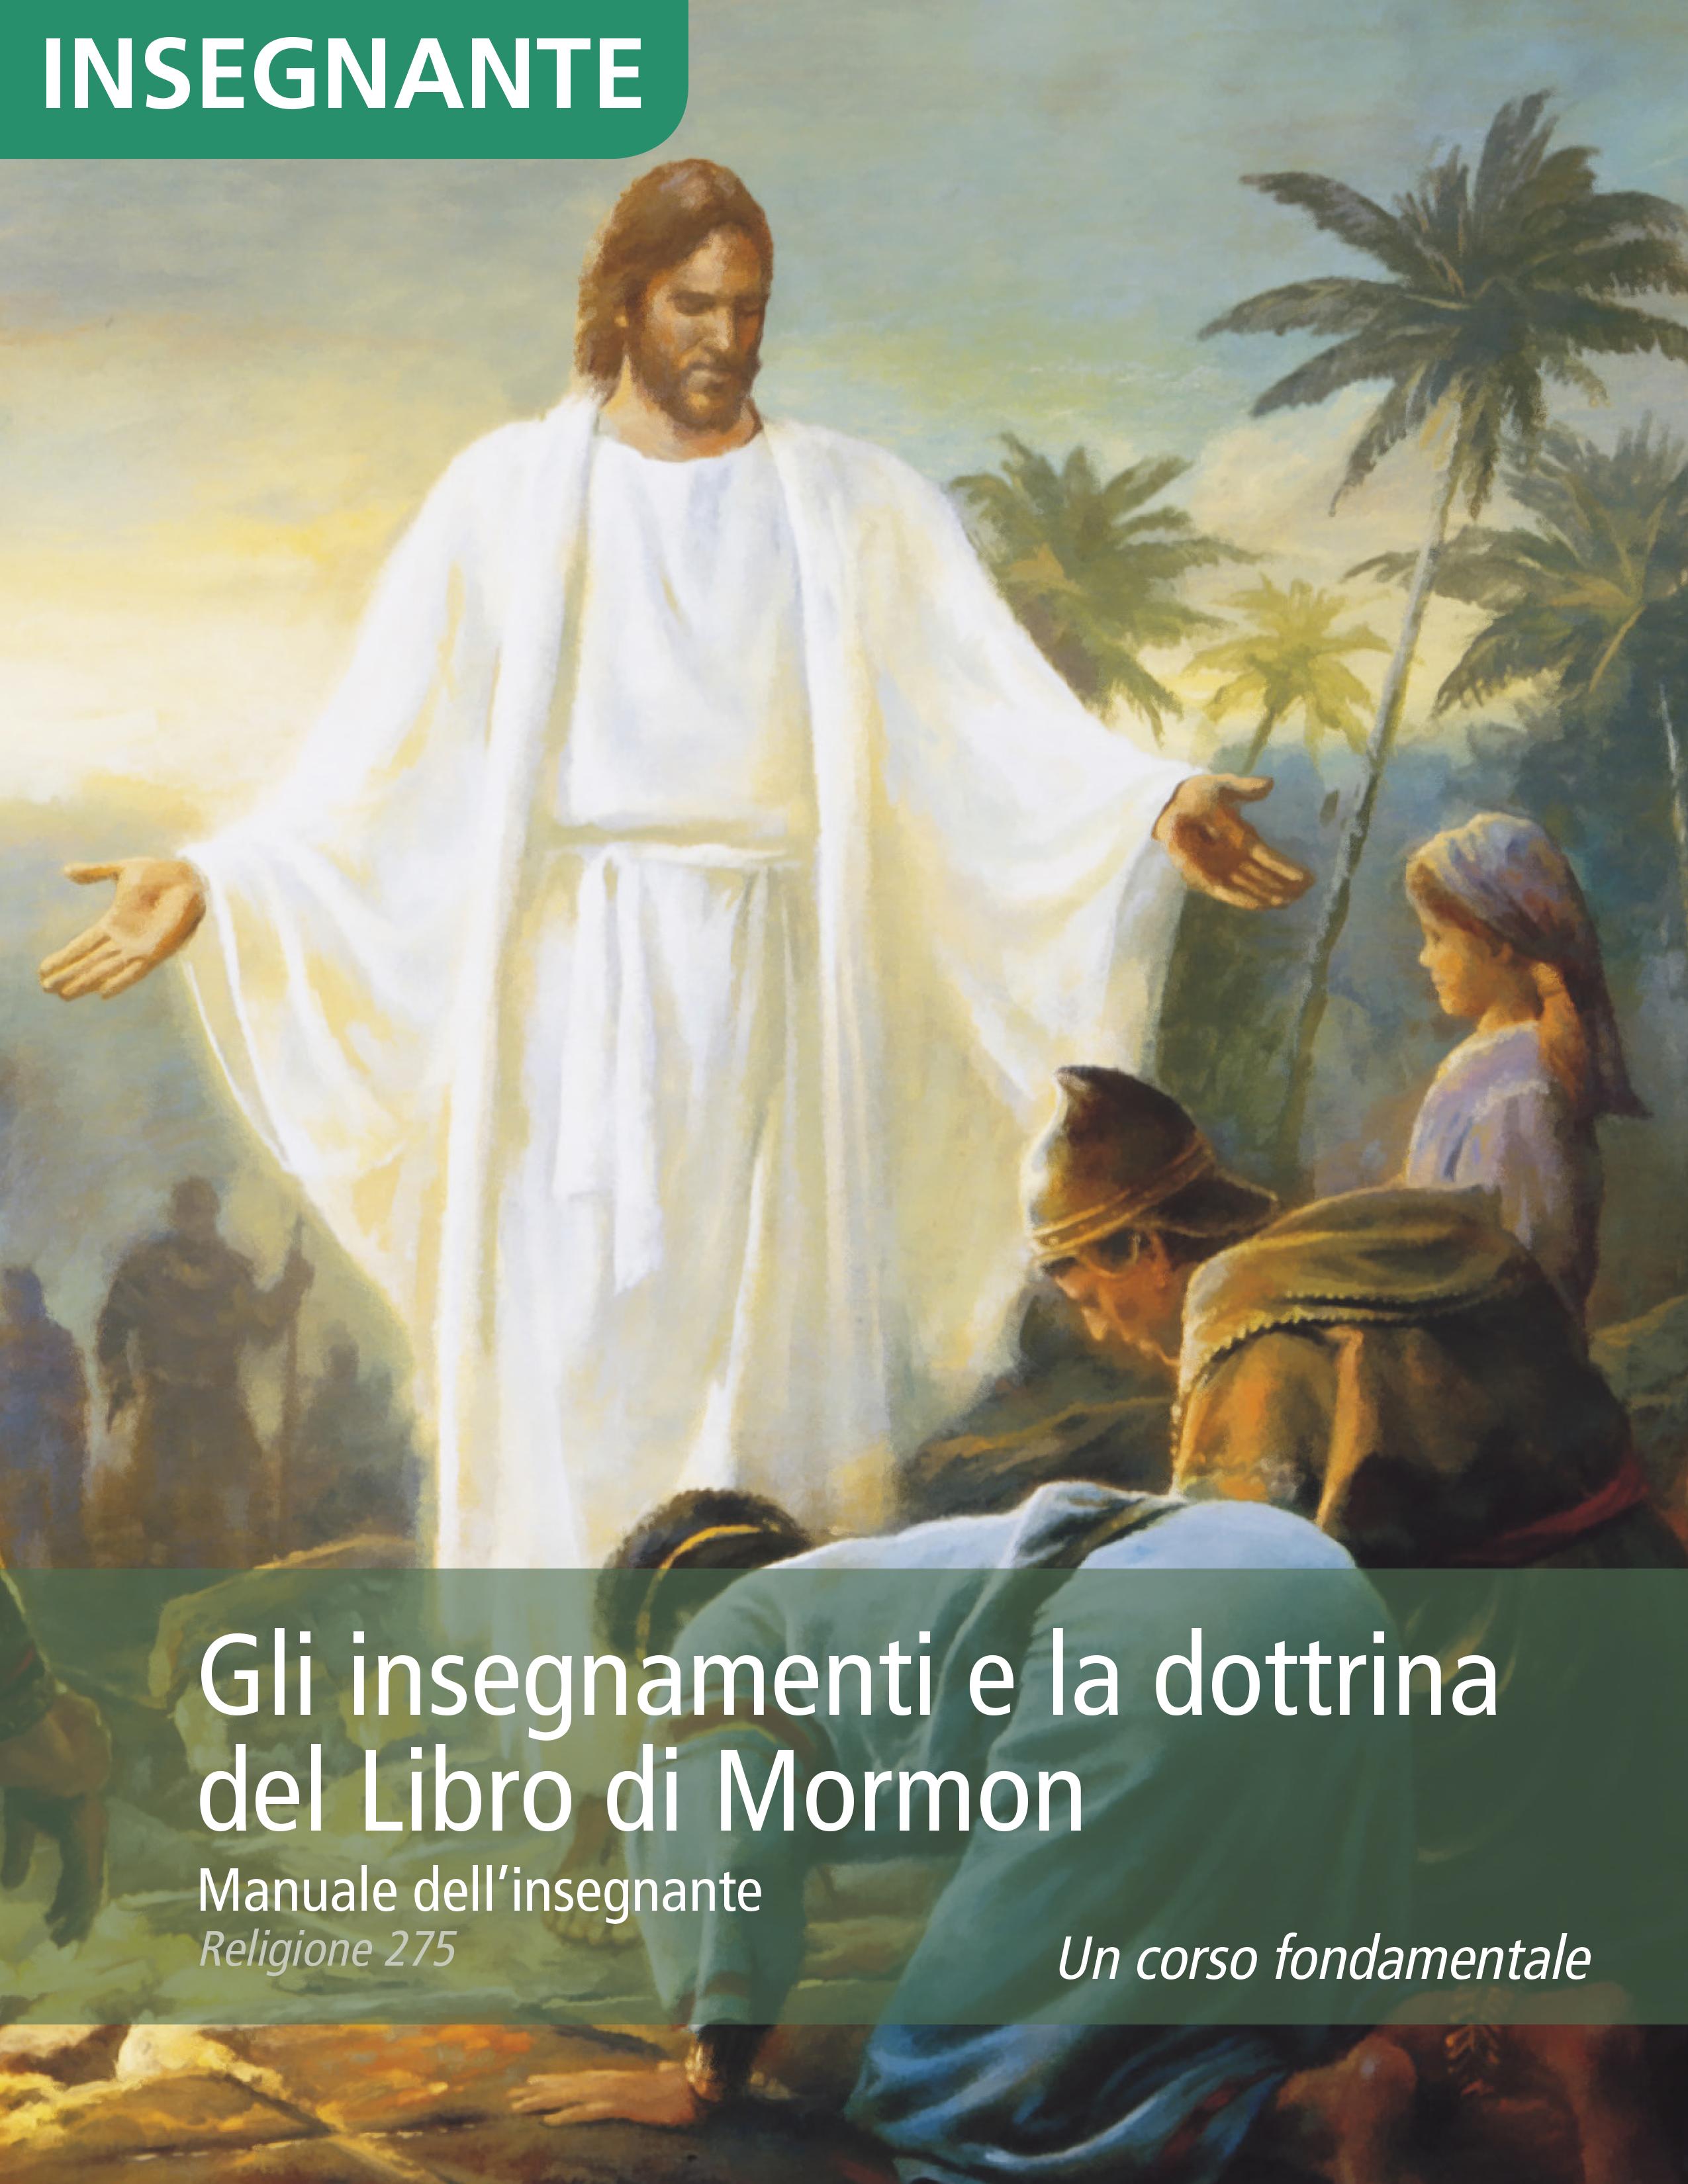 Gli insegnamenti e la dottrina del Libro di Mormon – Manuale dell'insegnante